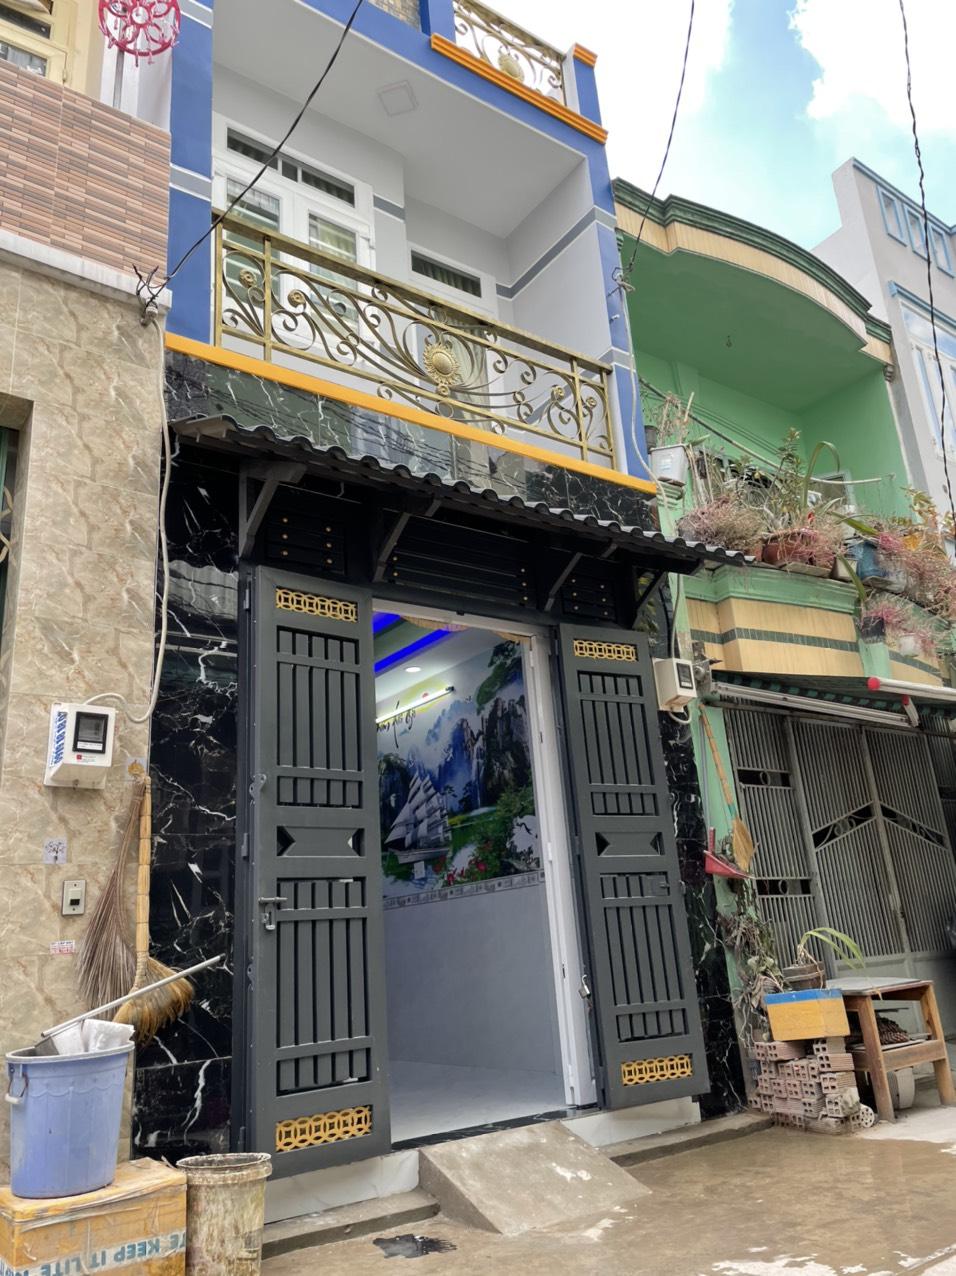 Bán nhà đường Chiến Lược quận Bình Tân dưới 3 tỷ. Nhà đẹp 1 lầu vào ở ngay